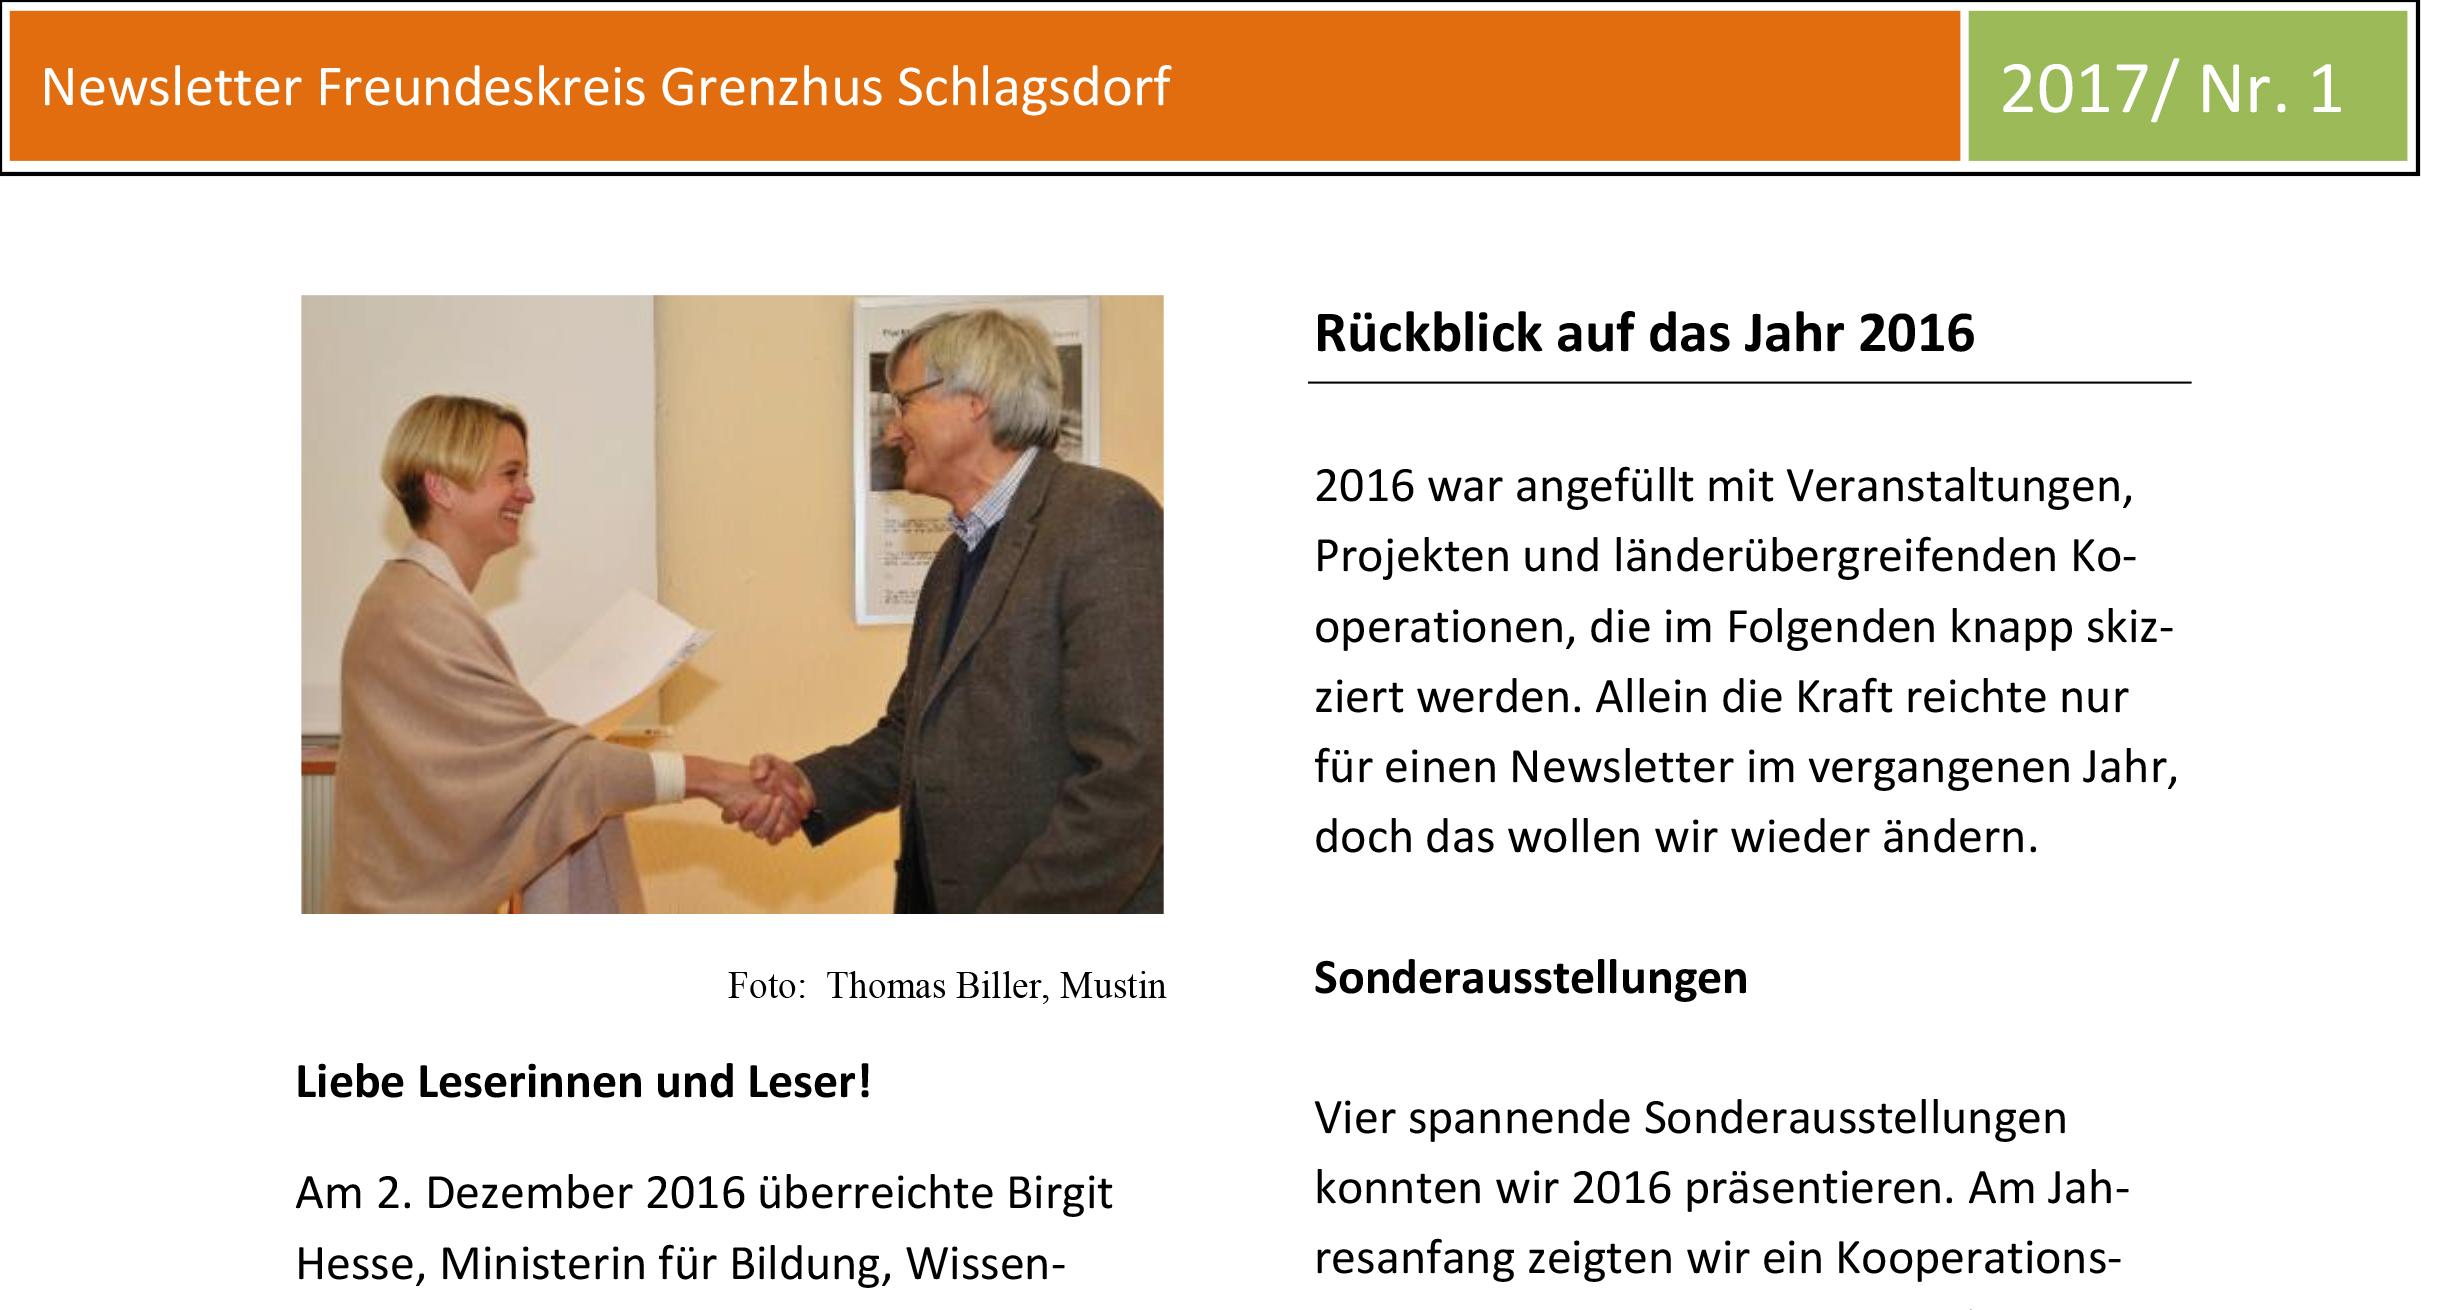 Der Grenzhus-Newsletter 1/2017